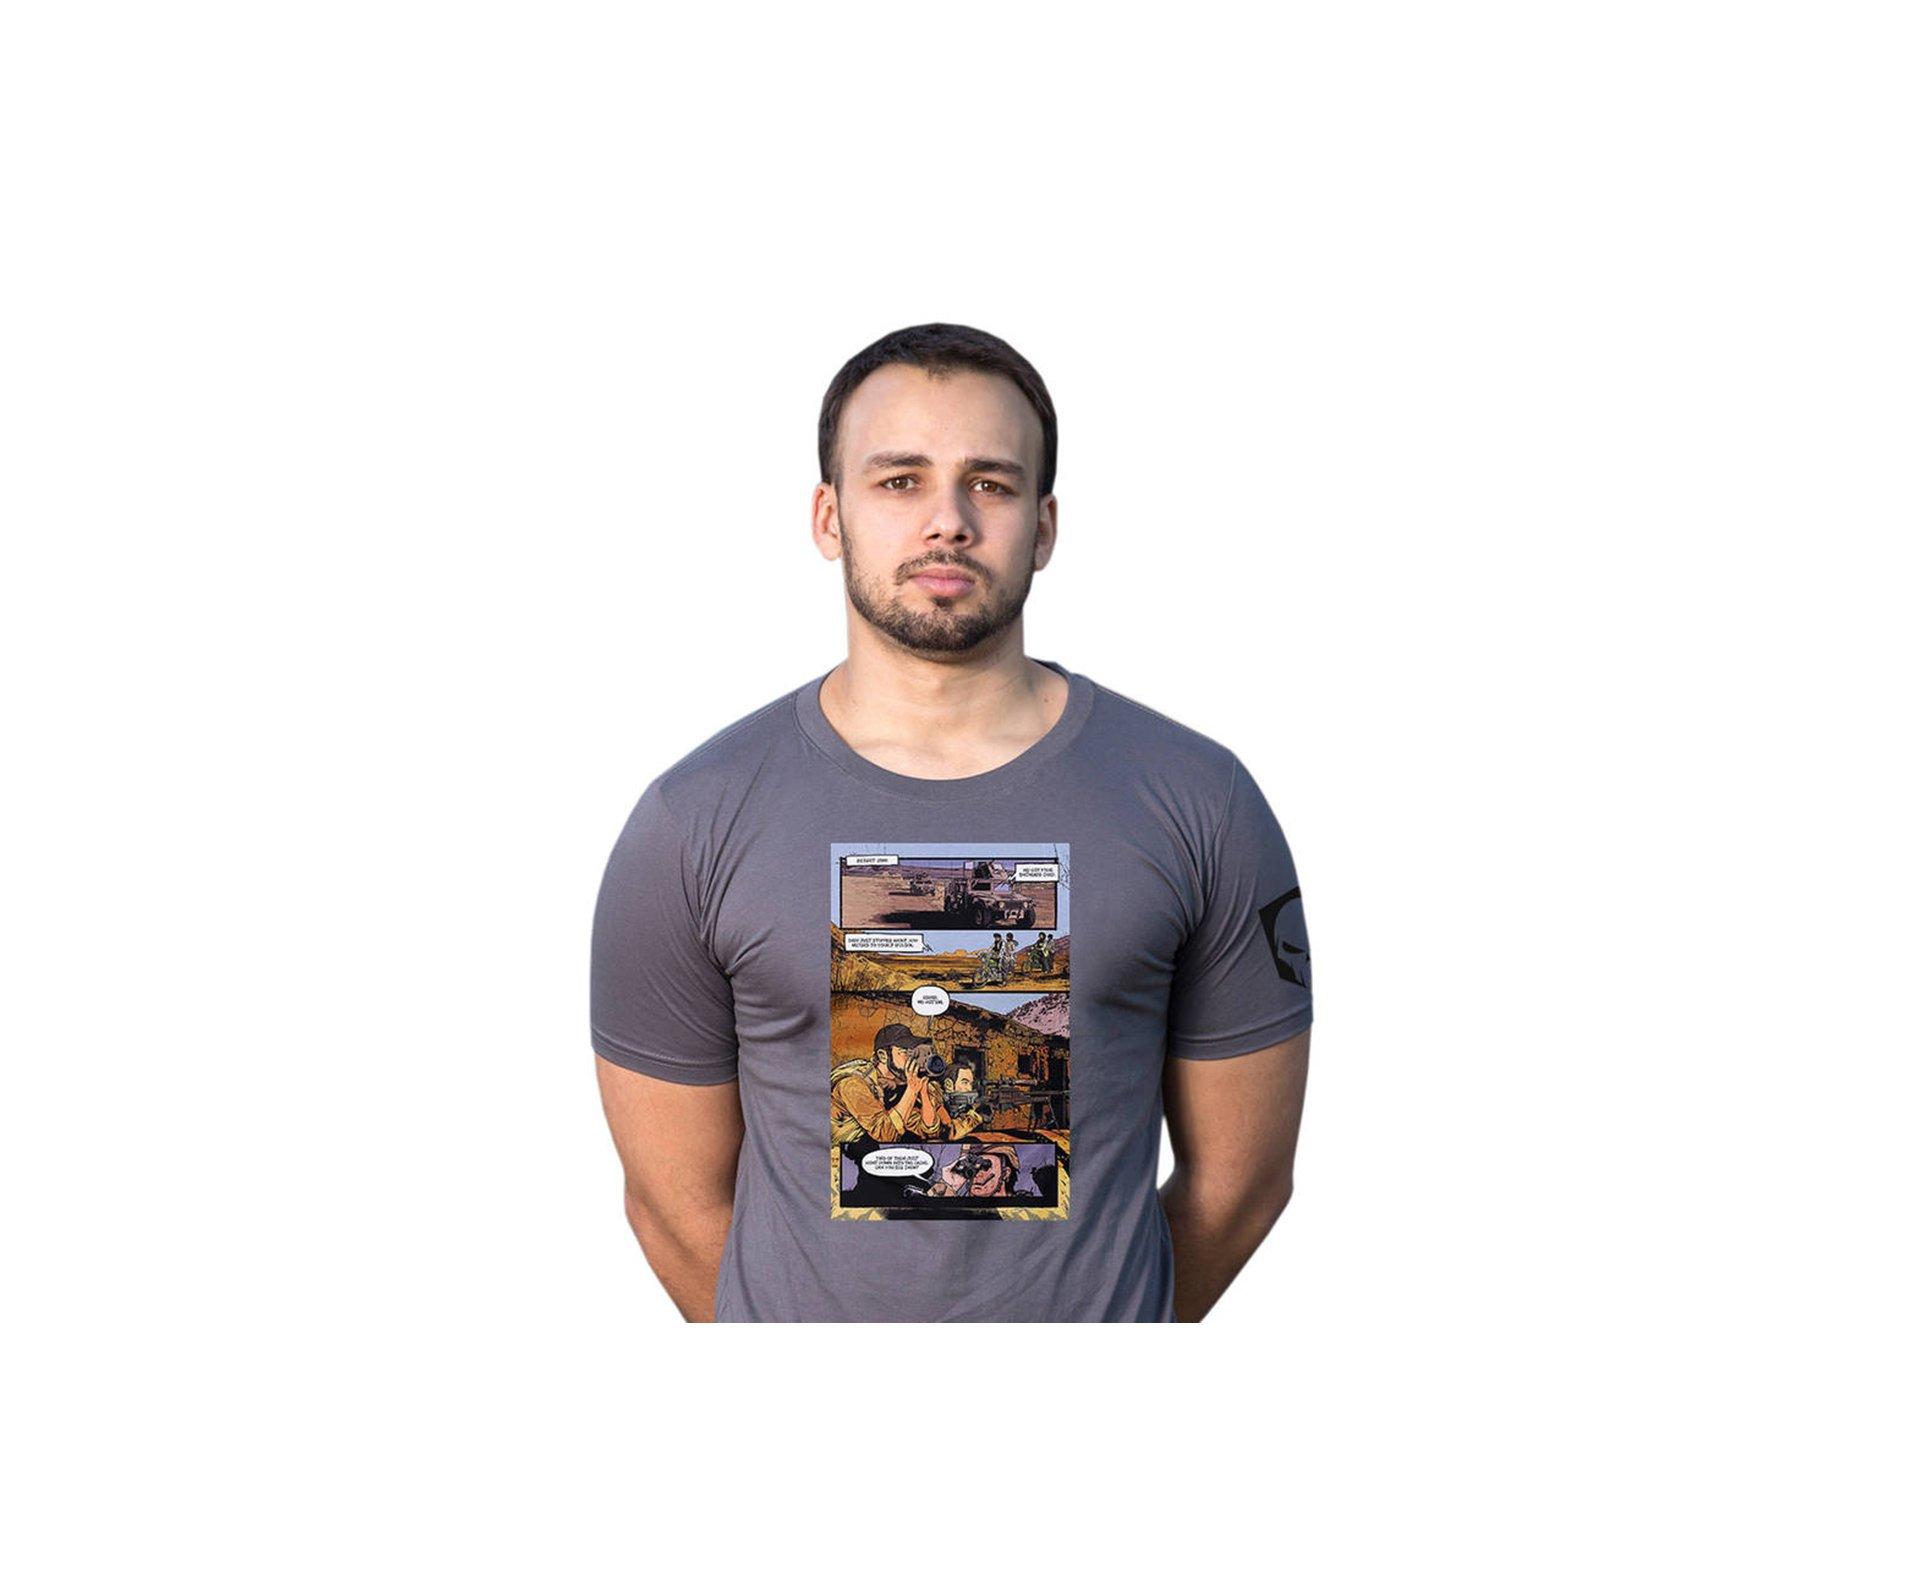 Camiseta Estampada Hq Cinza  -  Bravo - P